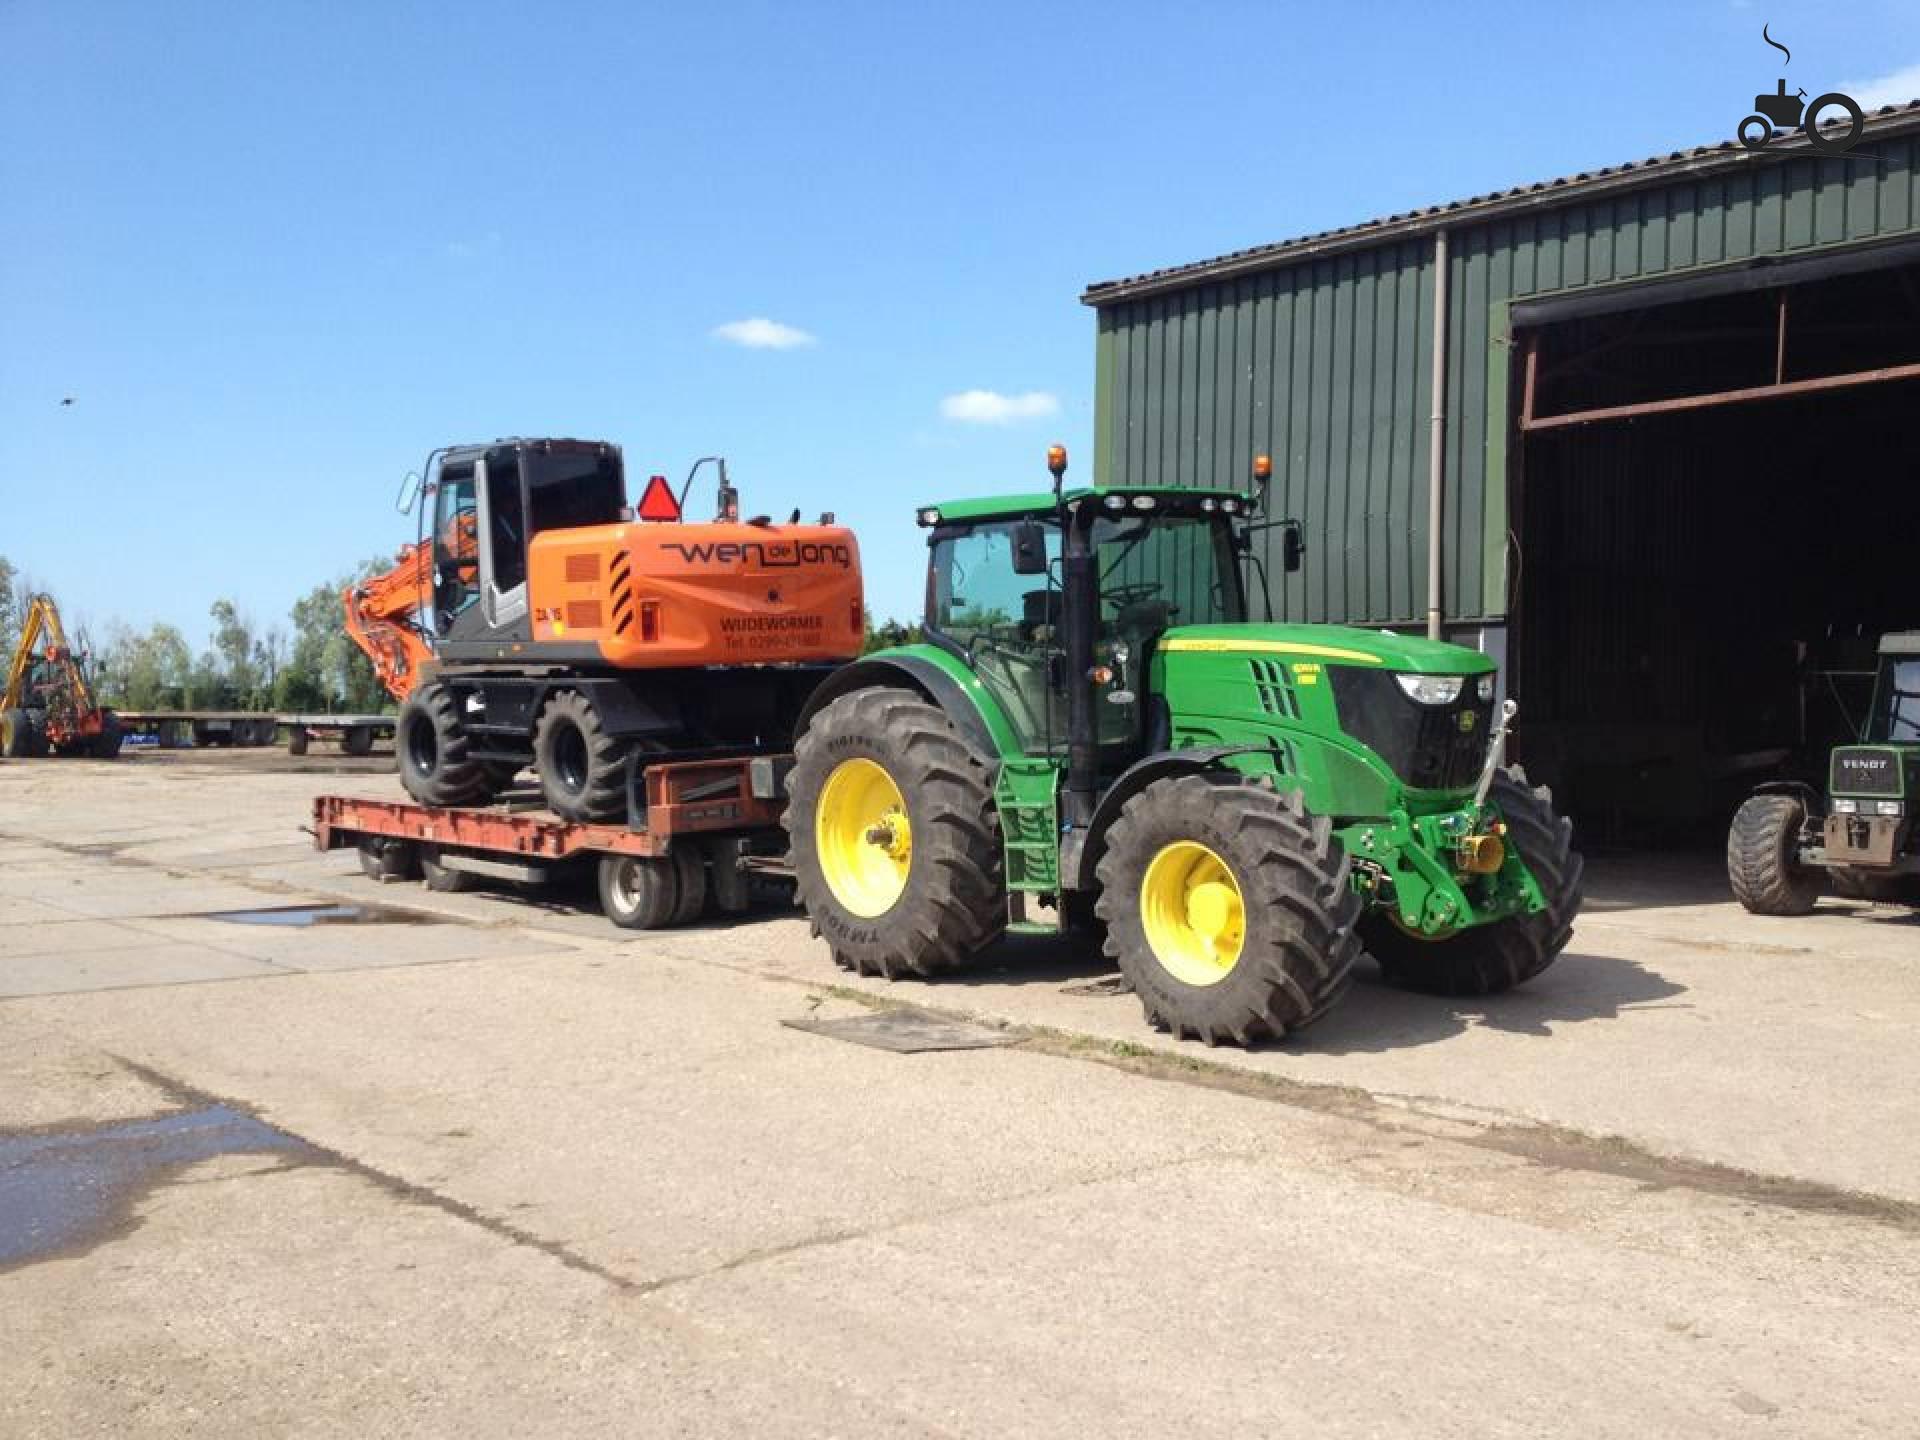 John Deere Tractors — John Deere 6210R - Posted By Johndeere7920